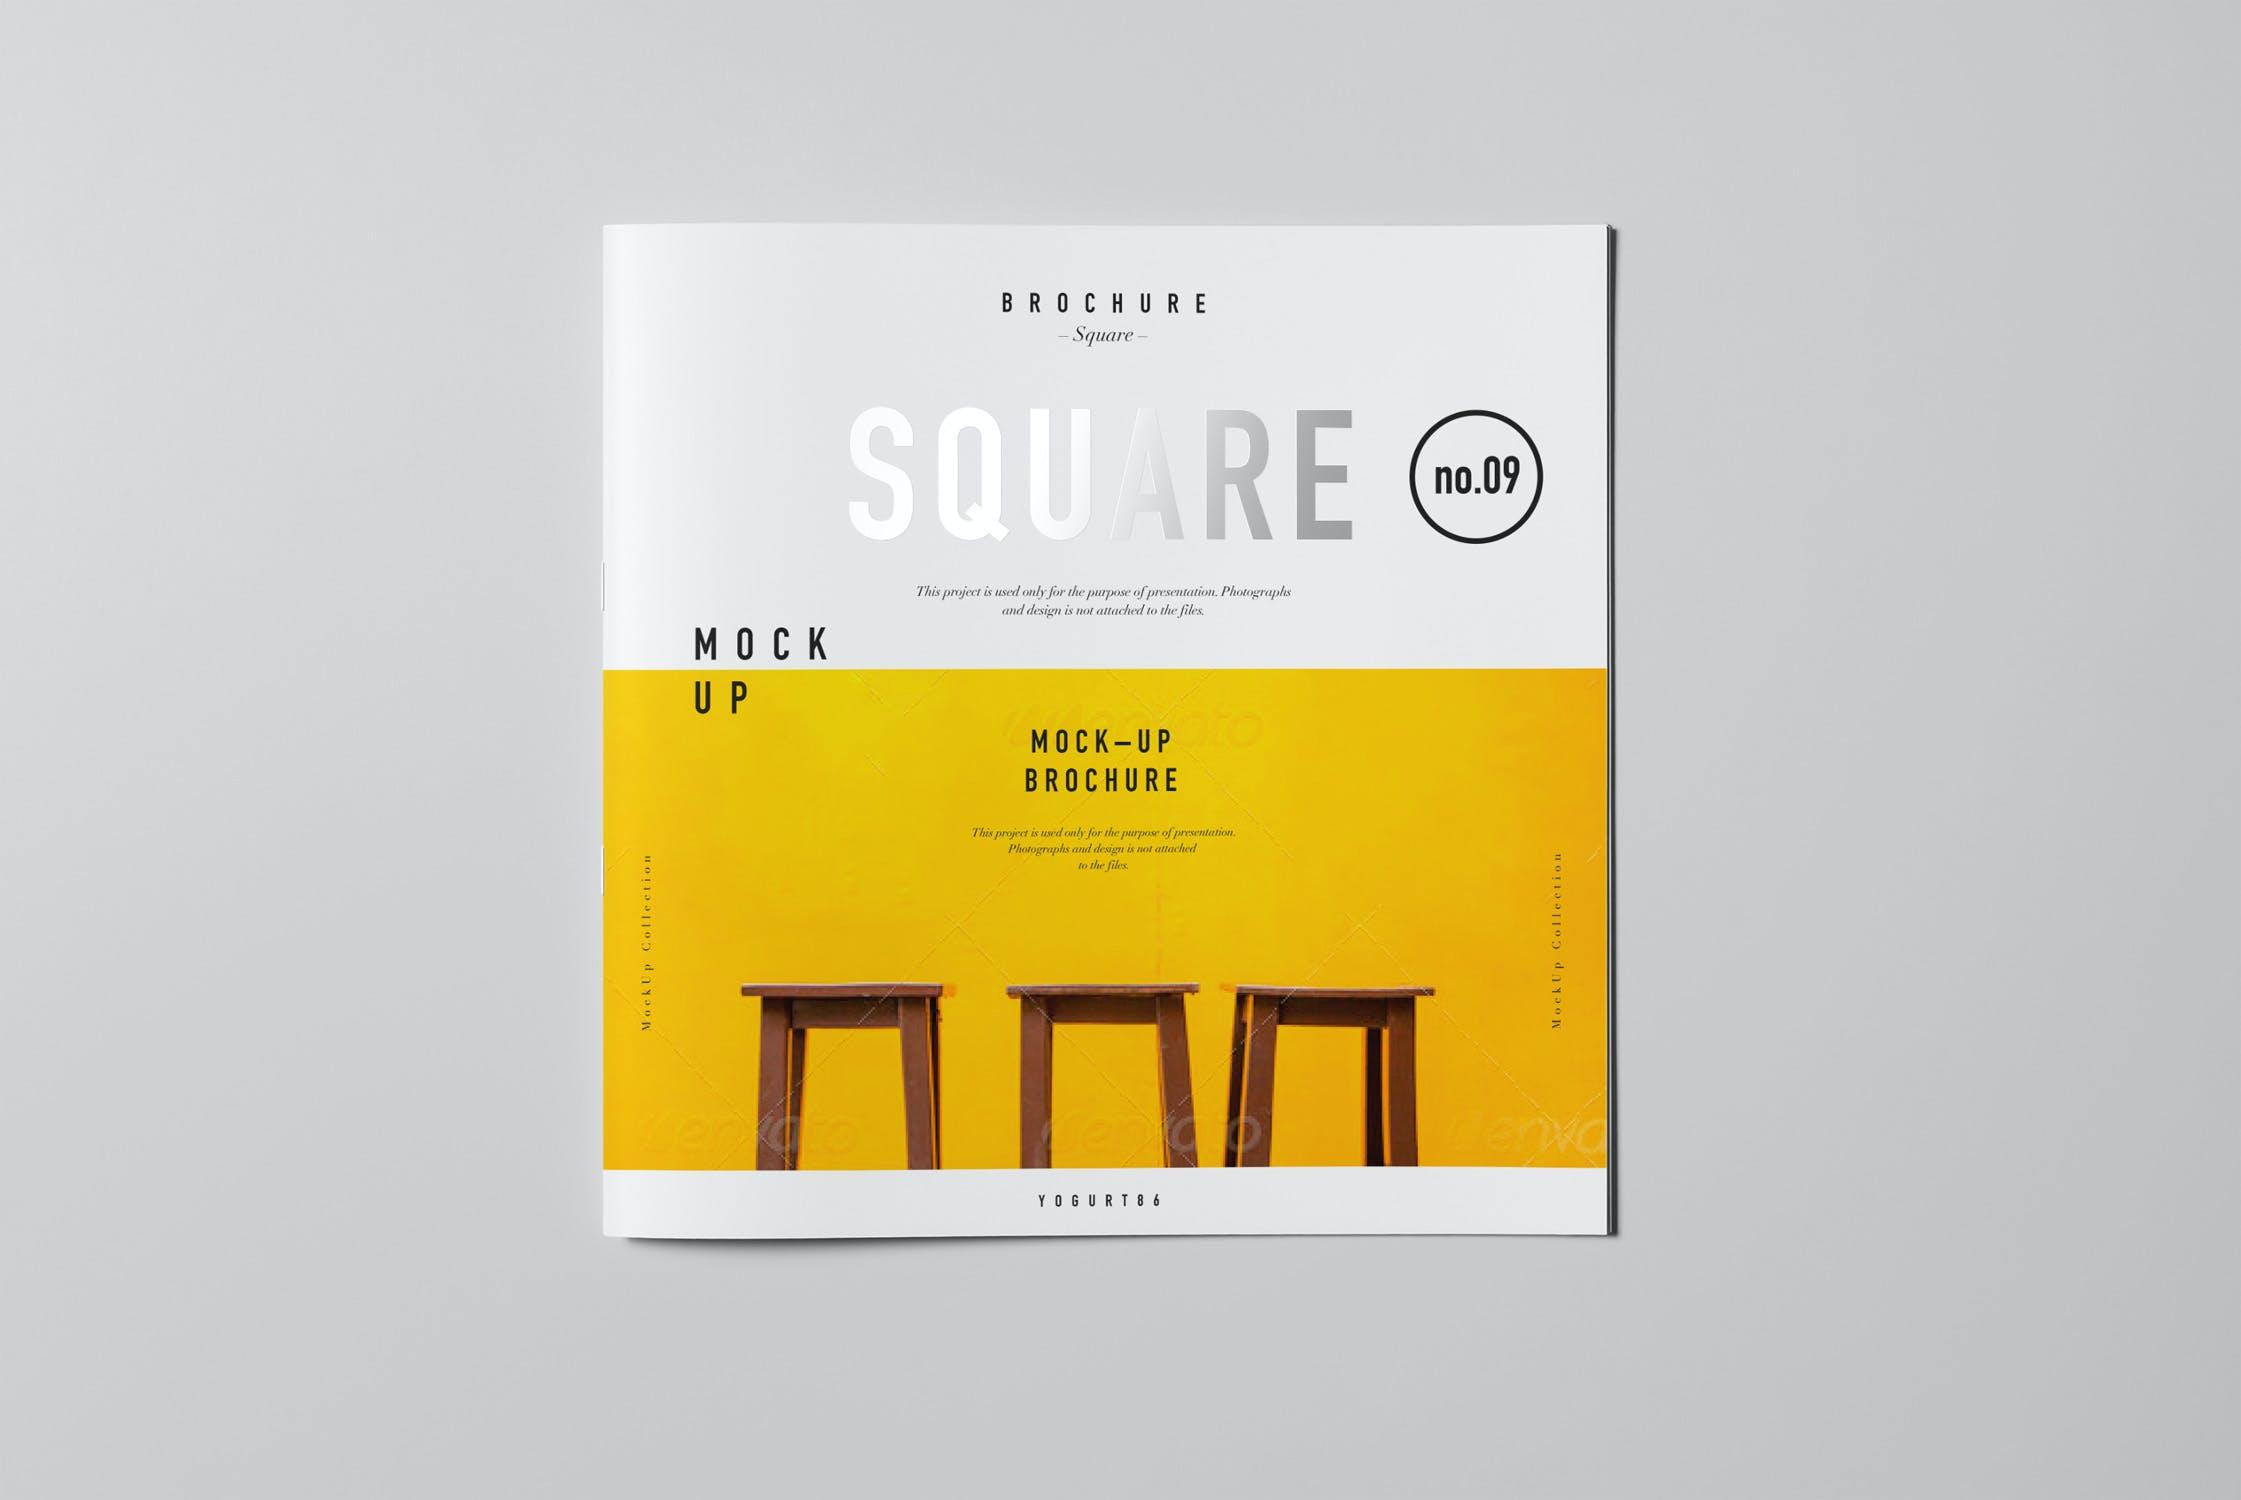 8款方形杂志画册设计展示样机模板 Square Brochure Mockup插图(6)